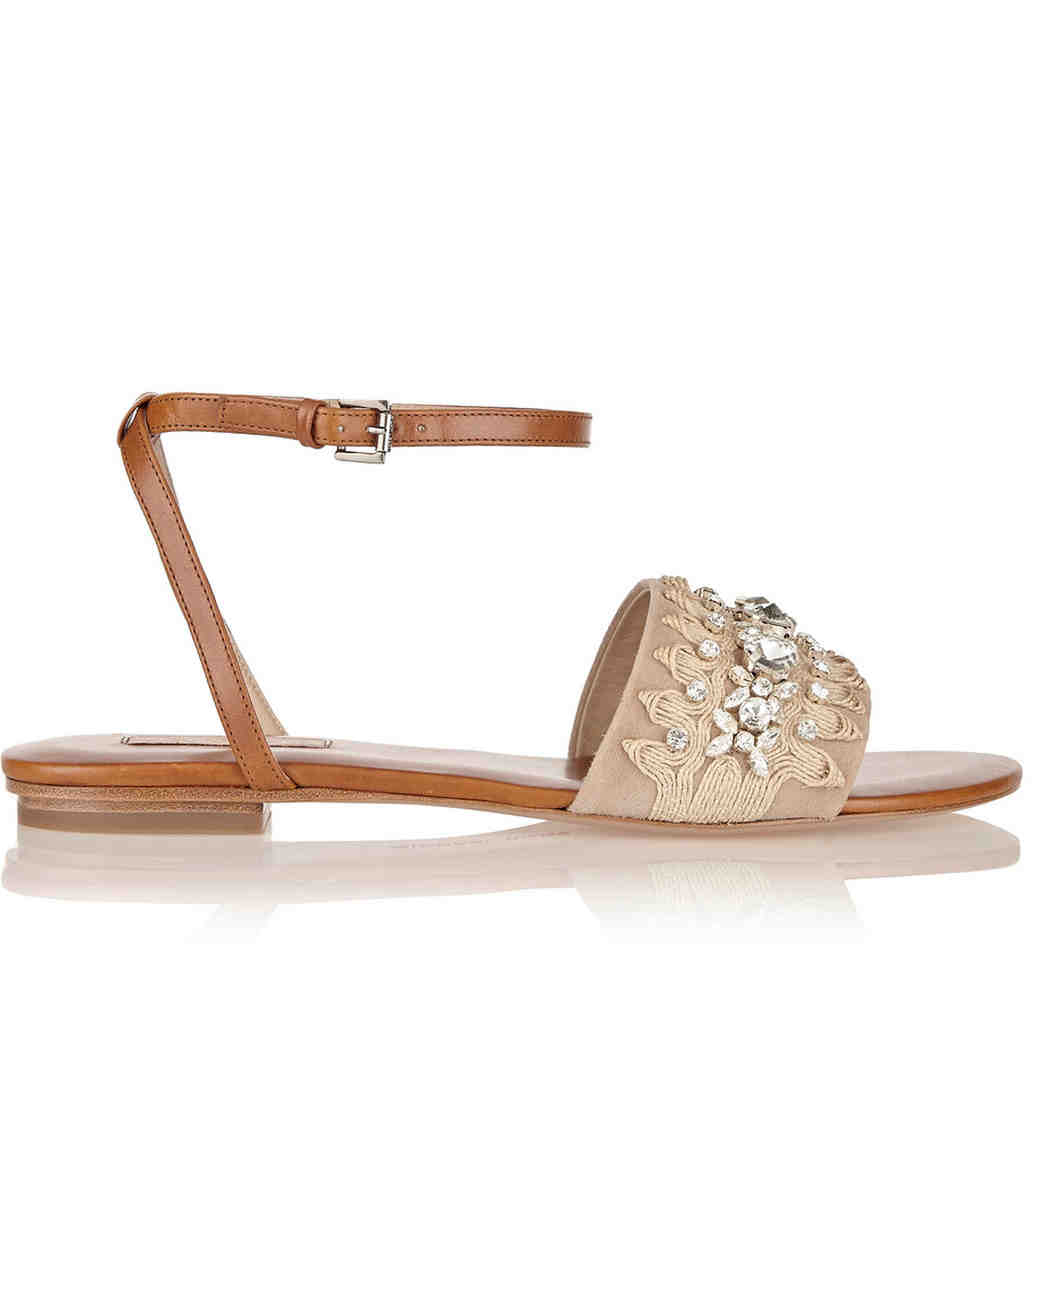 summer-wedding-shoes-michael-kors-hadden-sandals-0515.jpg